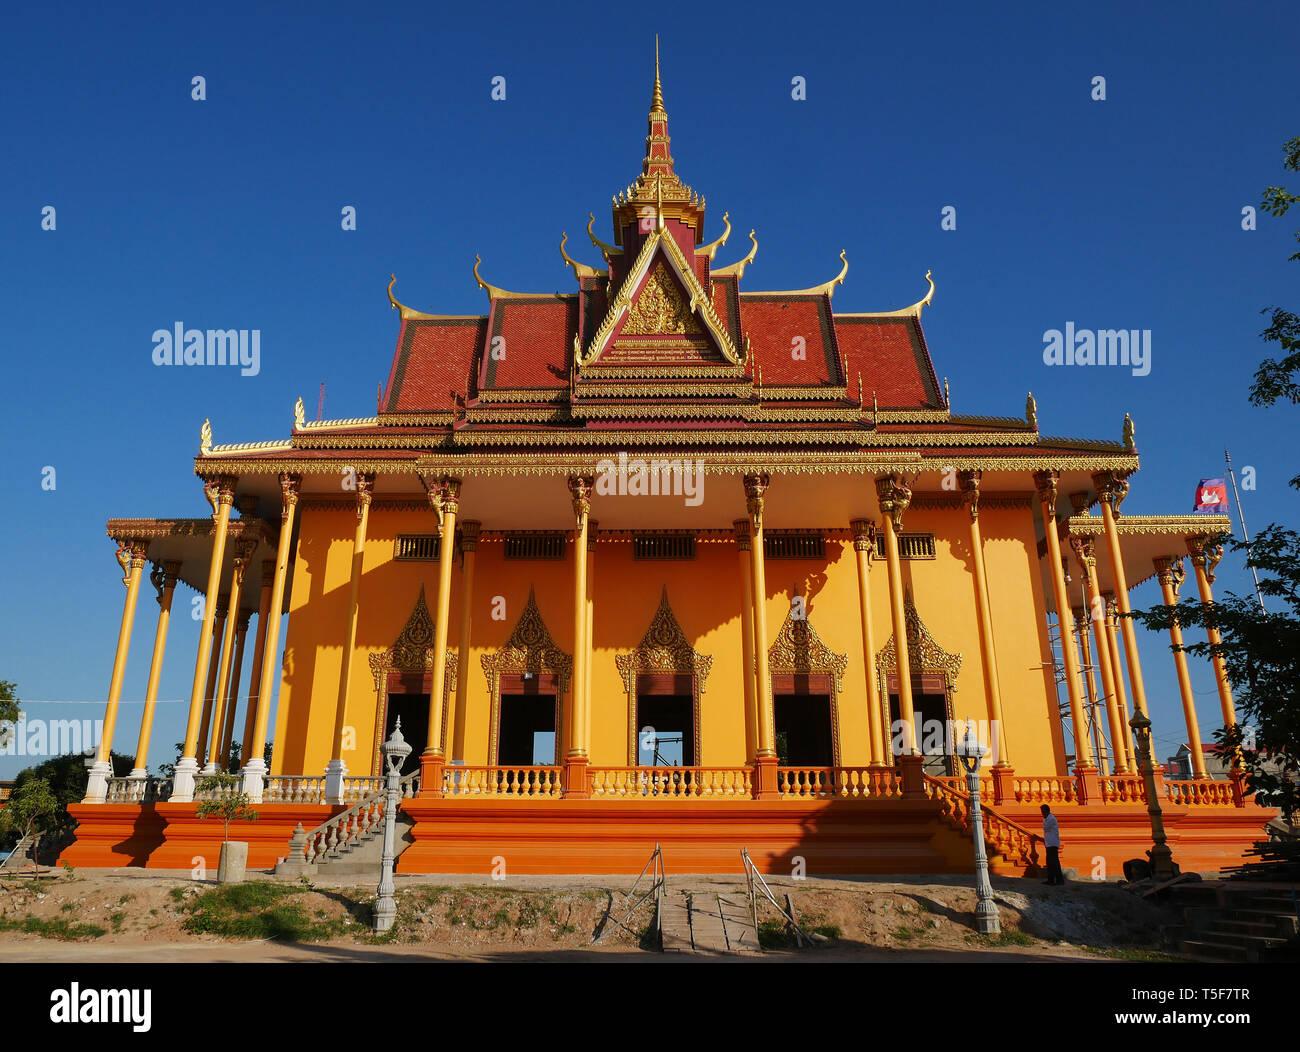 El impresionante nuevo templo de Wat Kampong Thom casi completa pintados de naranja y oro. De Kampong Thom, Camboya. 19-12-2018,. Foto de stock